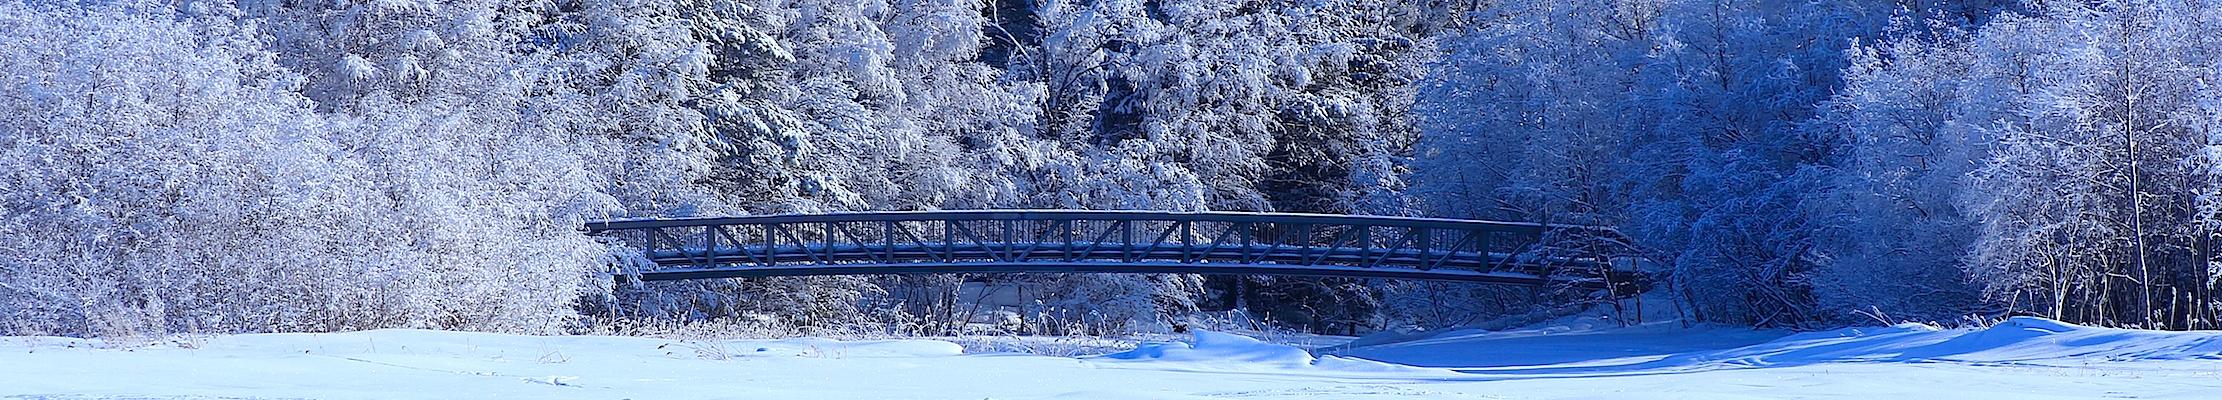 20 февраля (05 марта) 2017. Зимний день в Оулу, Финляндия.